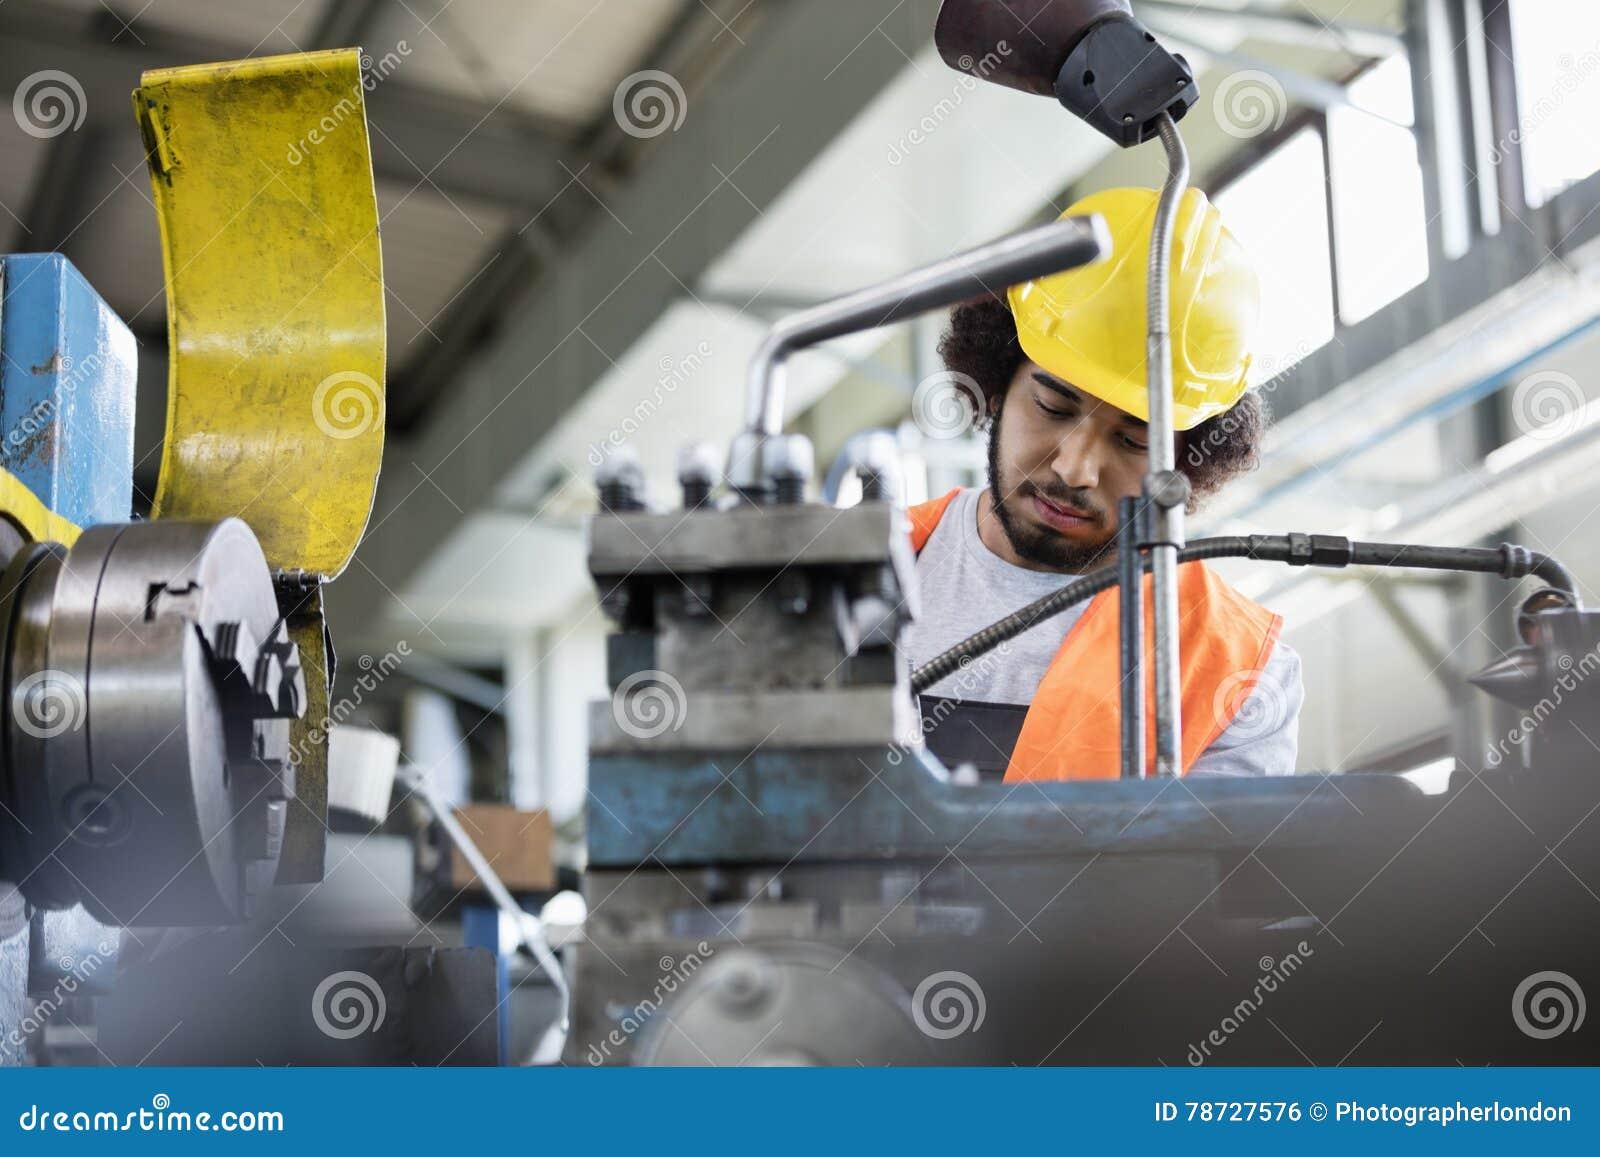 Sikt för låg vinkel av den unga manuella arbetaren som arbetar på maskineri i metallbransch